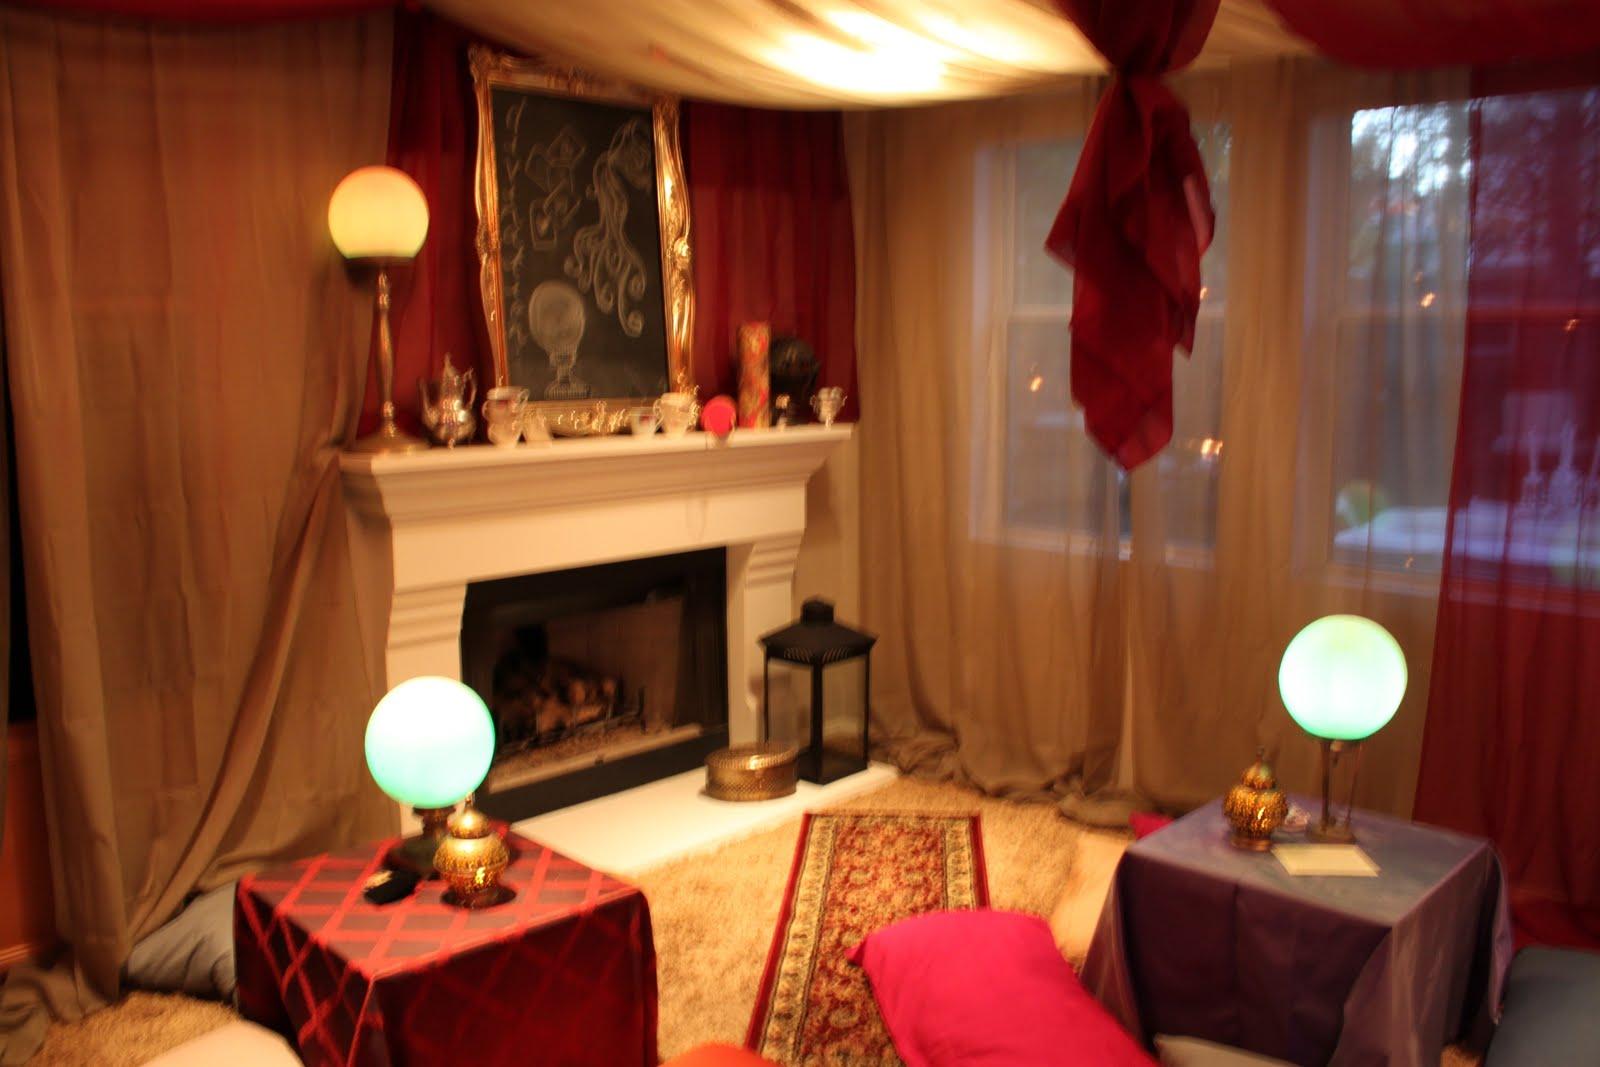 Pear Tree Tea Room